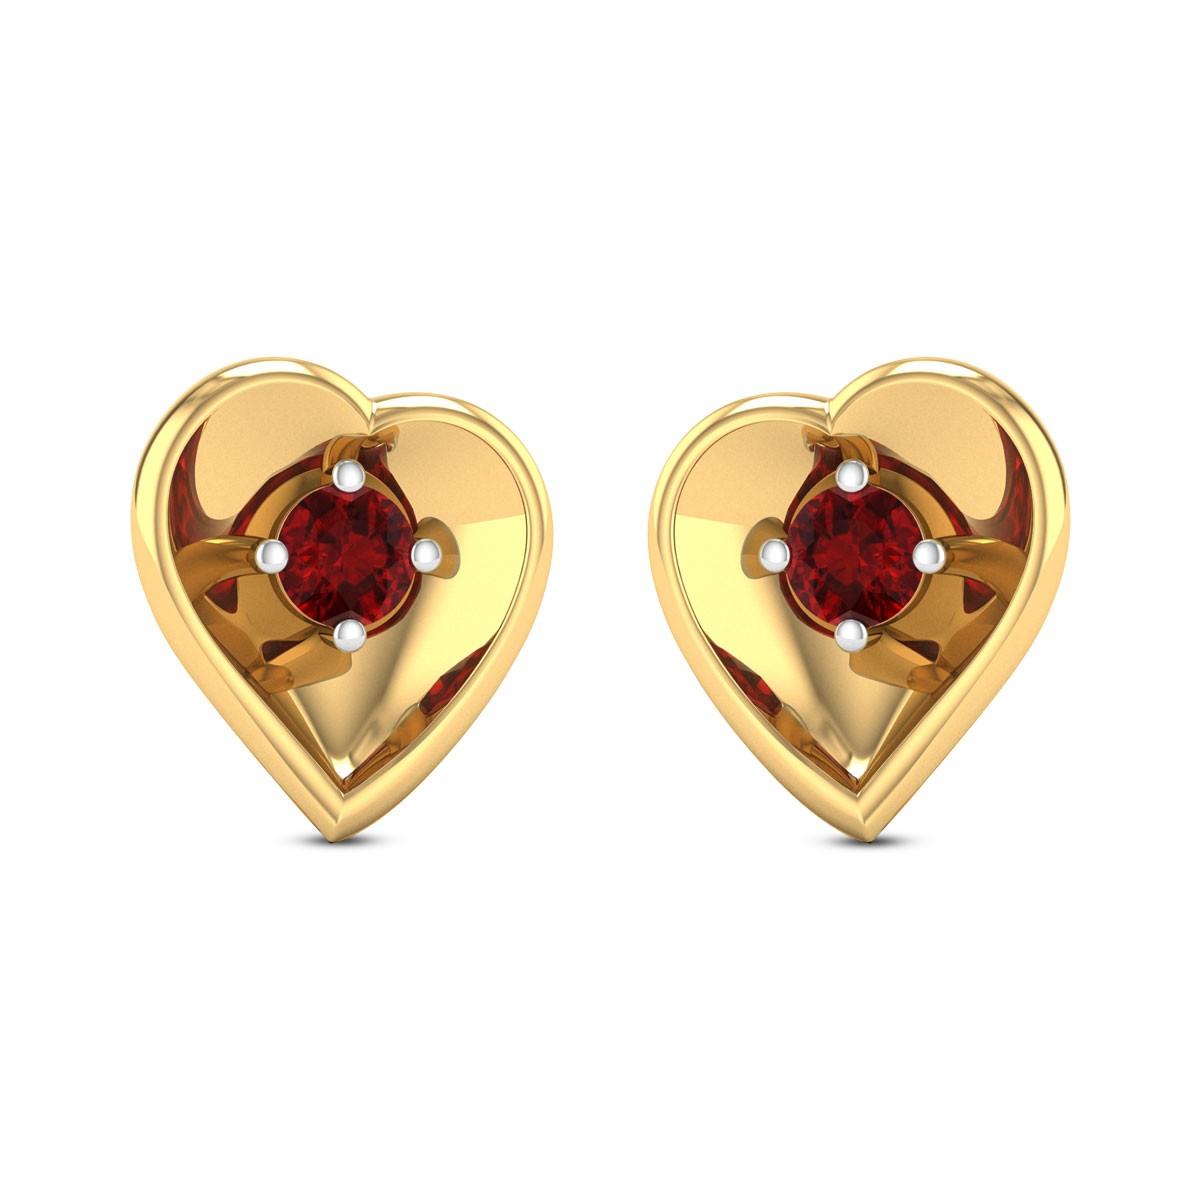 Sahana Heart Stud Earrings